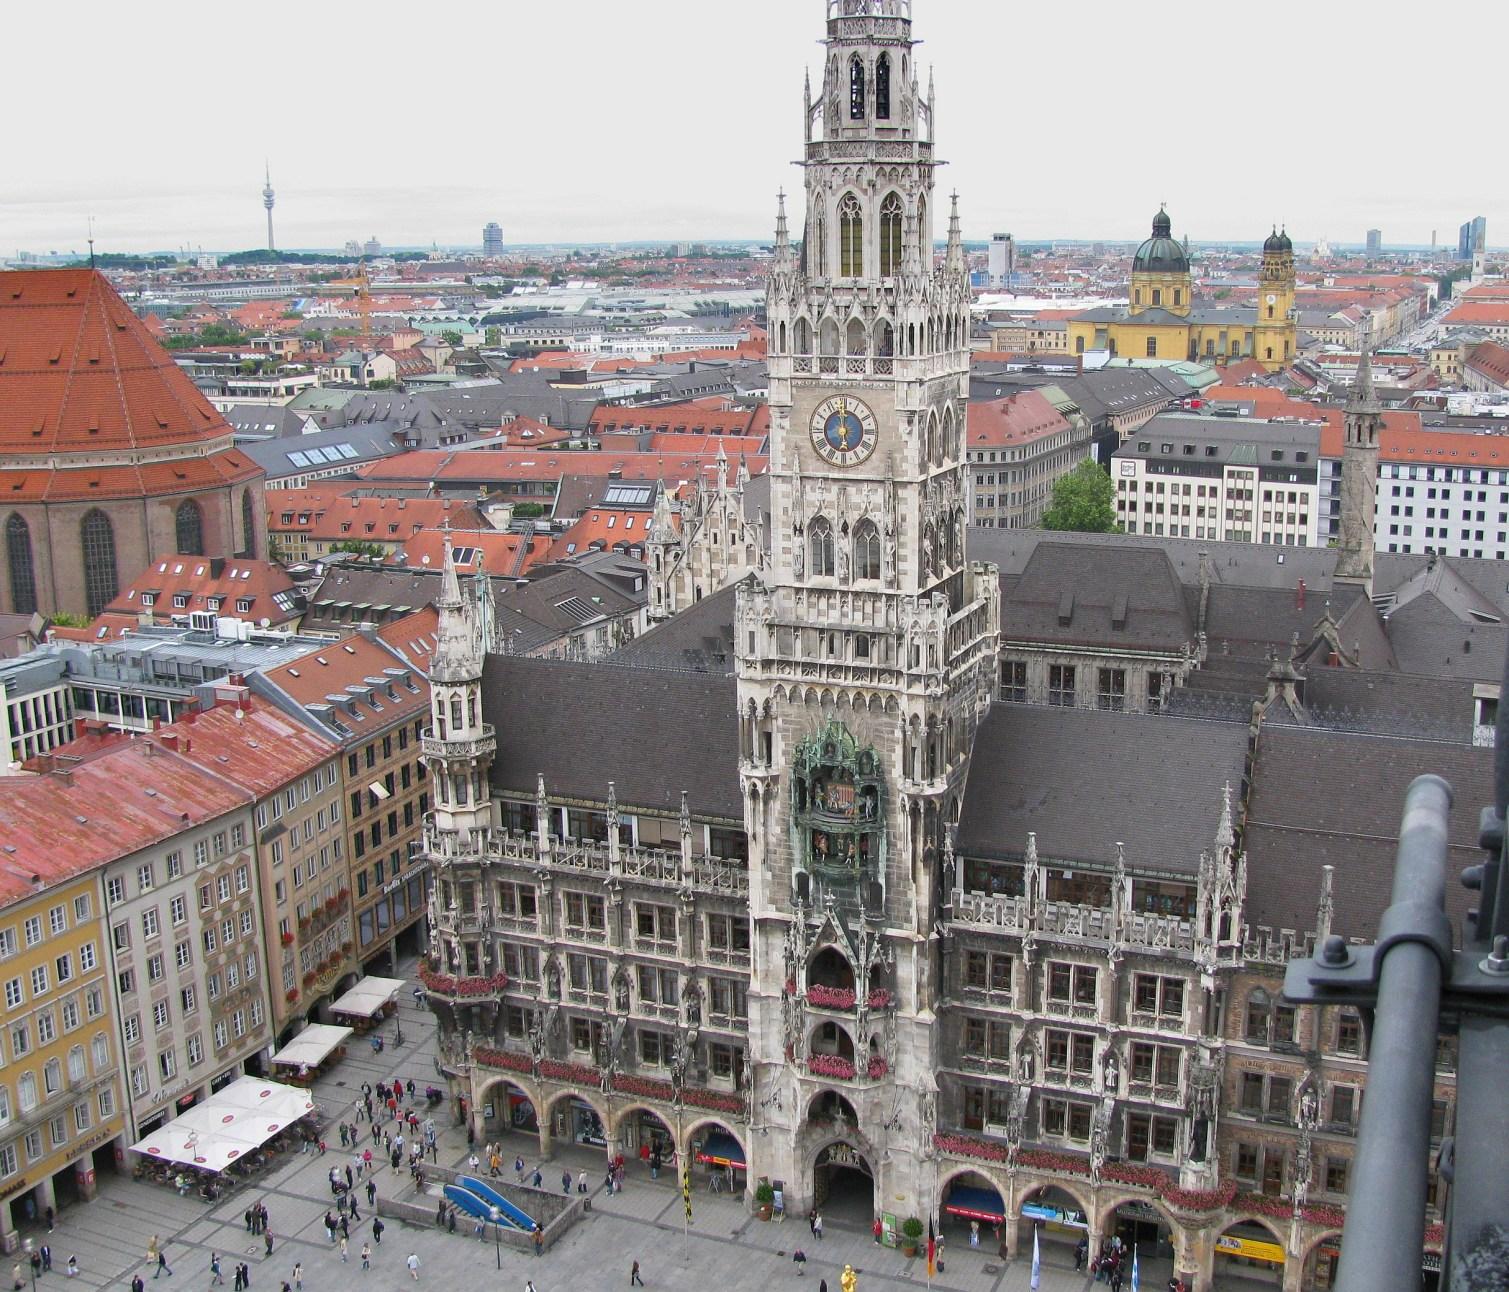 Marienplatz. The New Town Hall as seen from Peterskirche belltower.